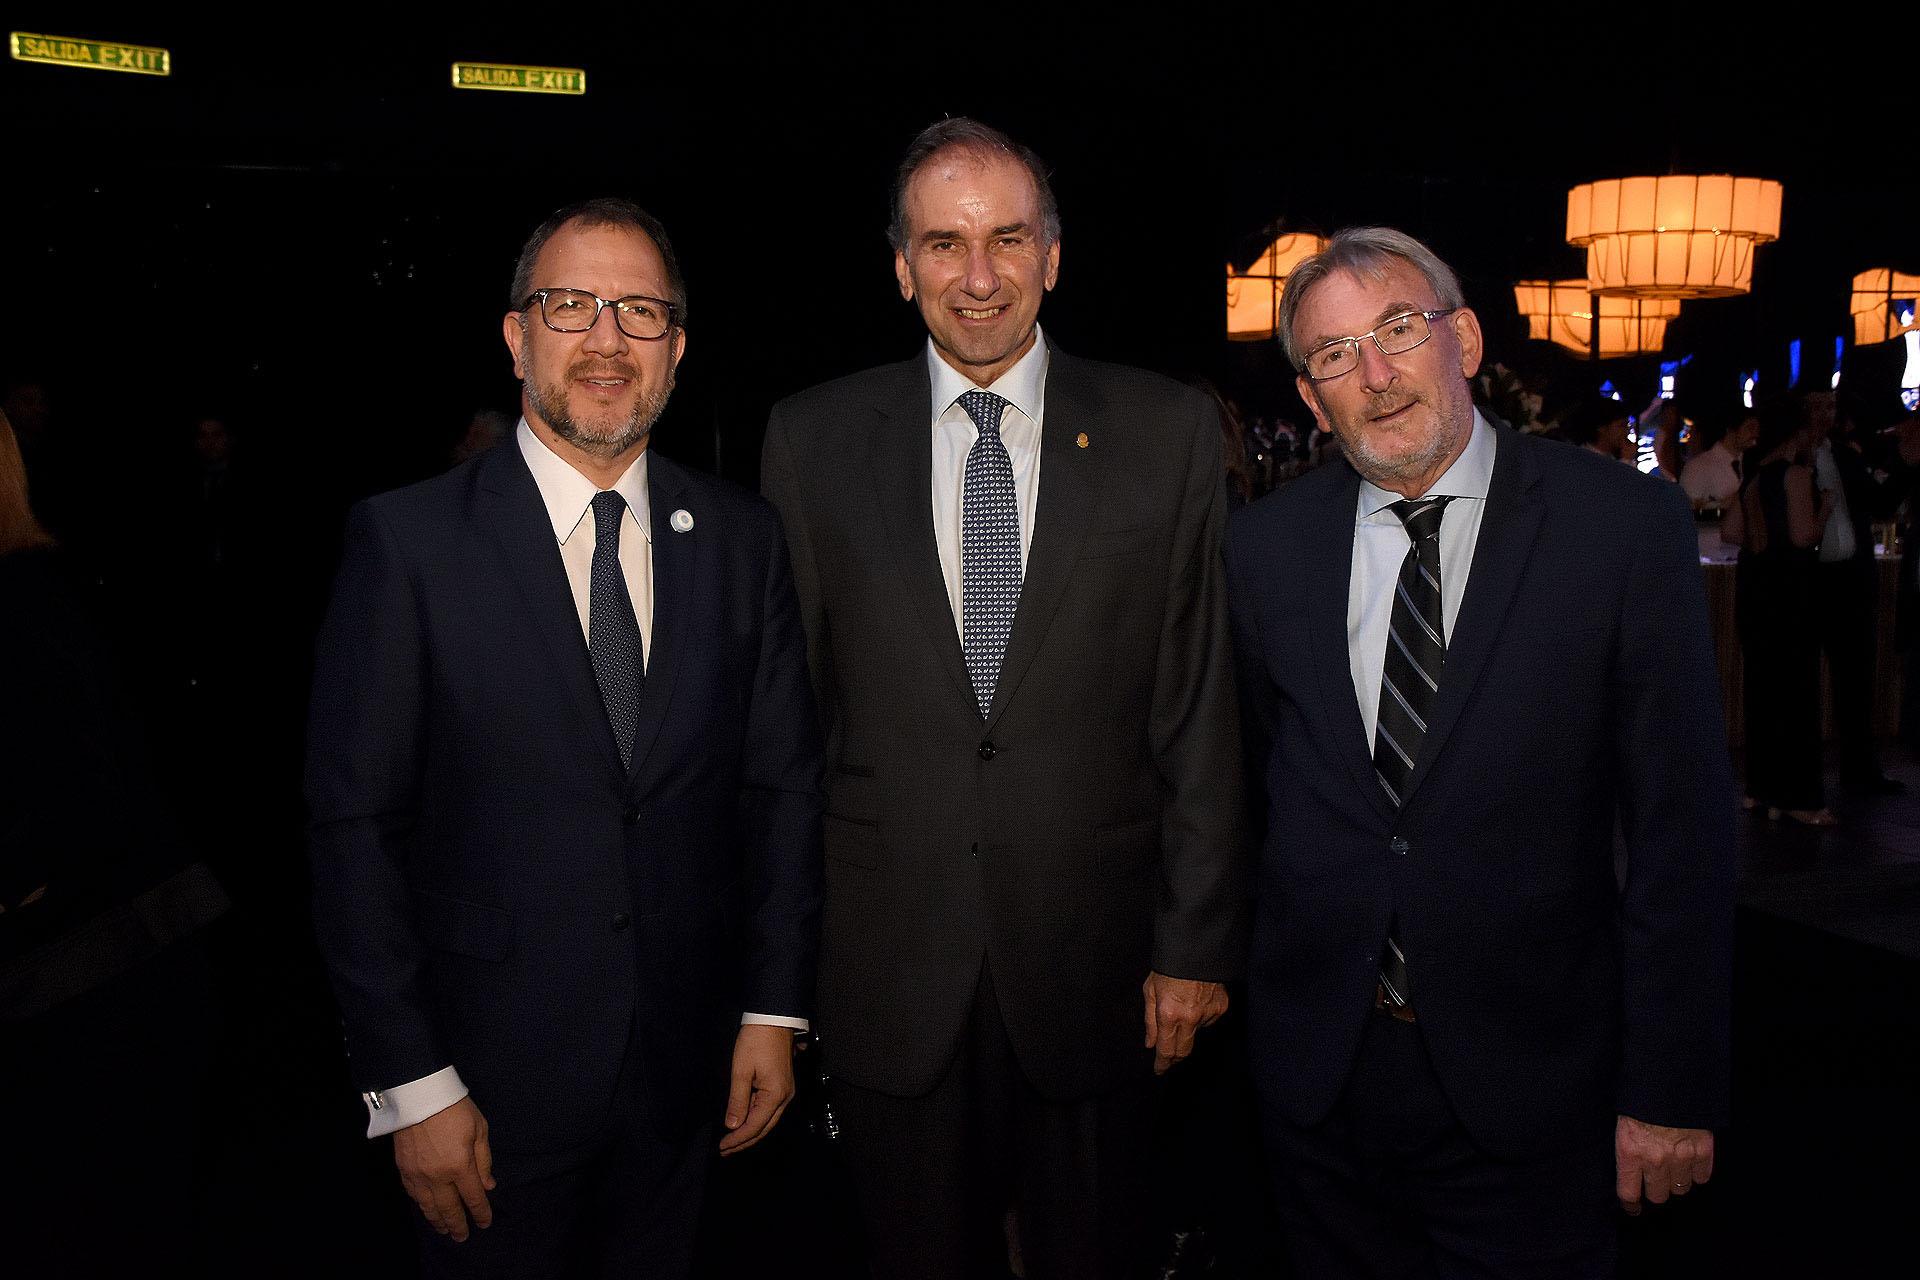 Fabián Perechodnik junto al senador Humberto Schiavoni y a Guillermo Yanco